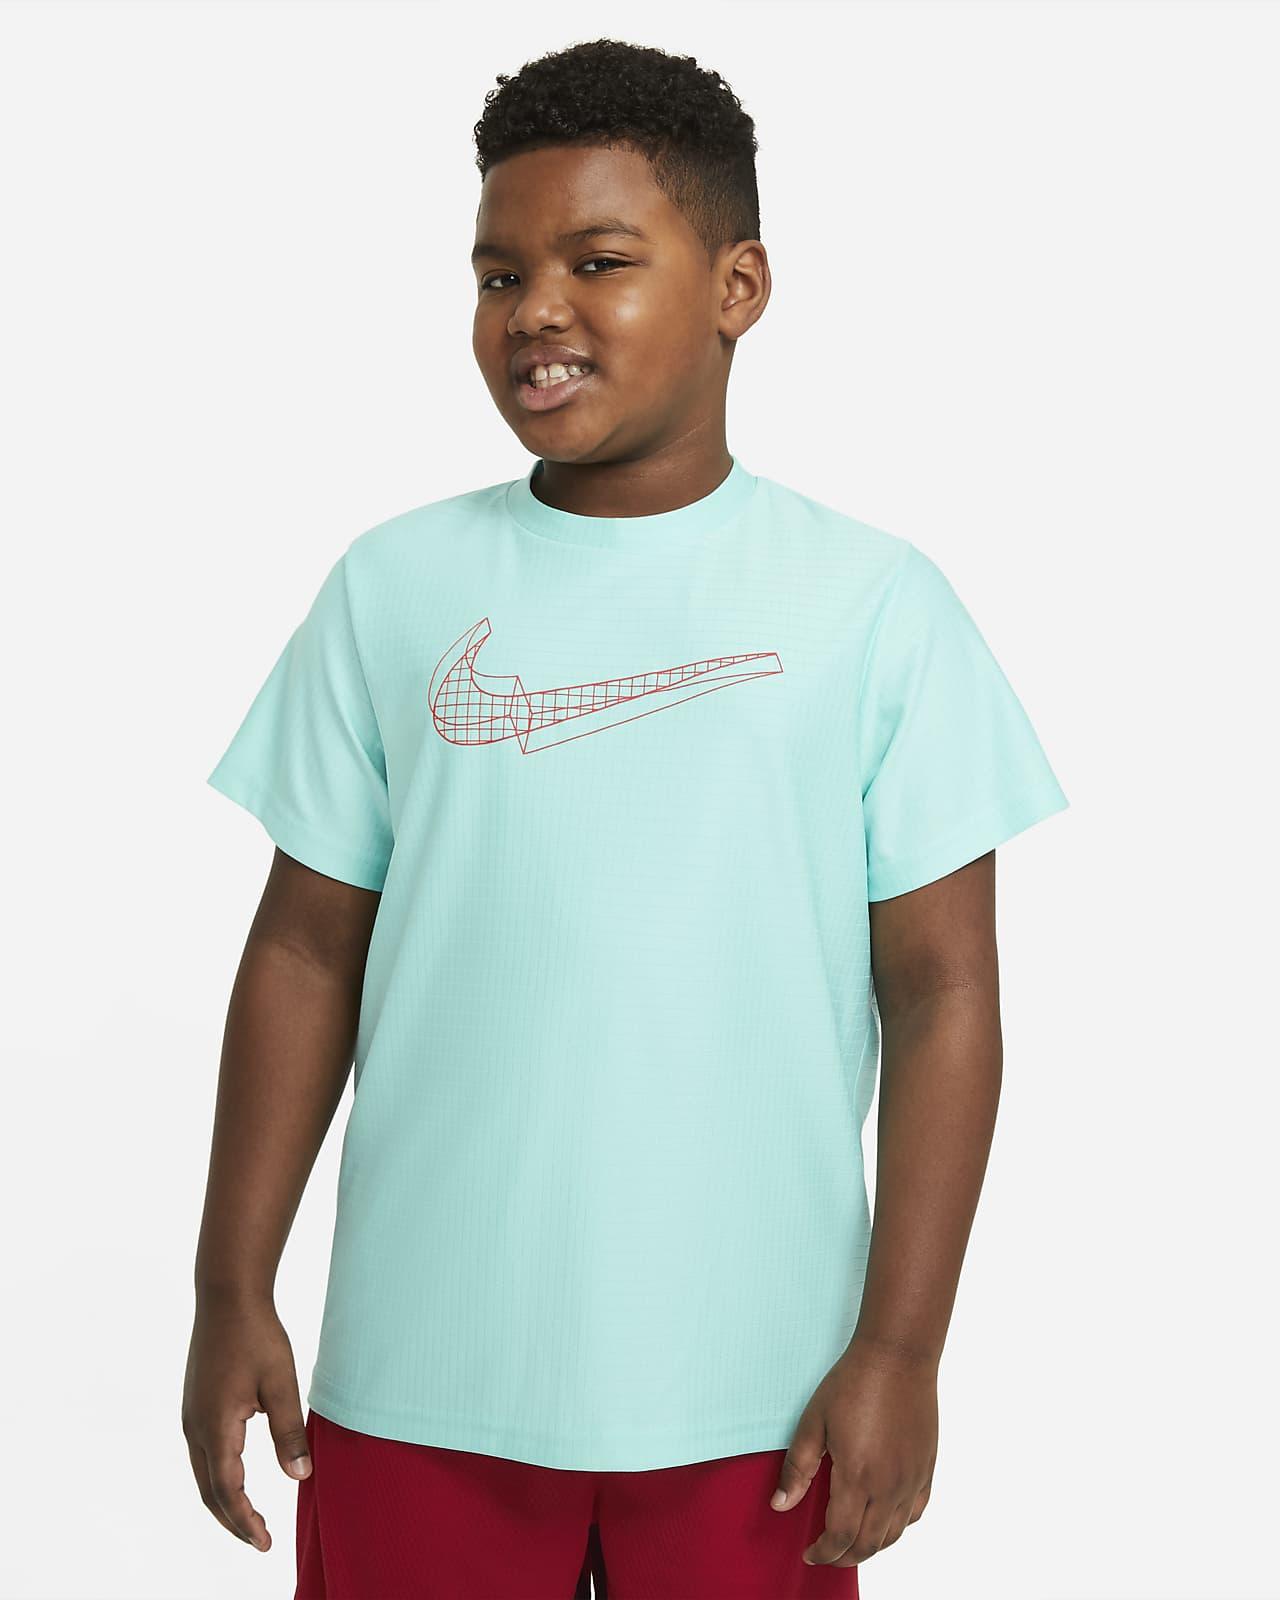 Camiseta de entrenamiento de manga corta con gráfico para niños talla grande Nike (talla extendida)